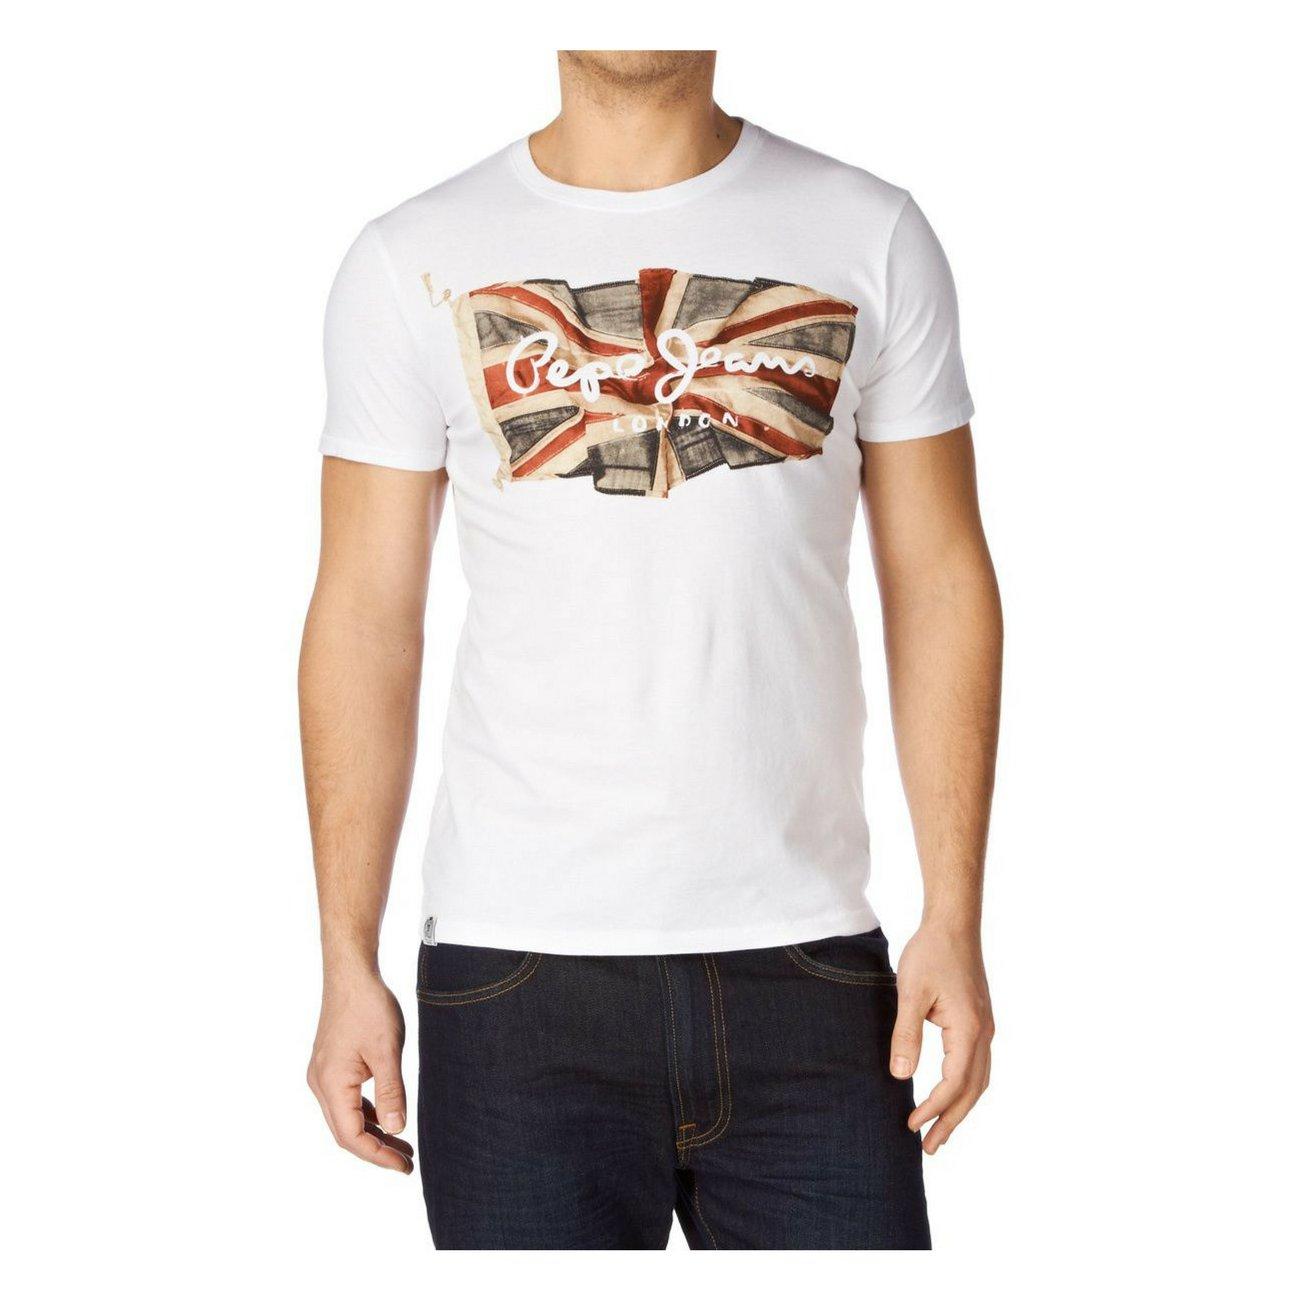 Pepe Jeans Flag Logo Men's T-Shirt, White, Medium